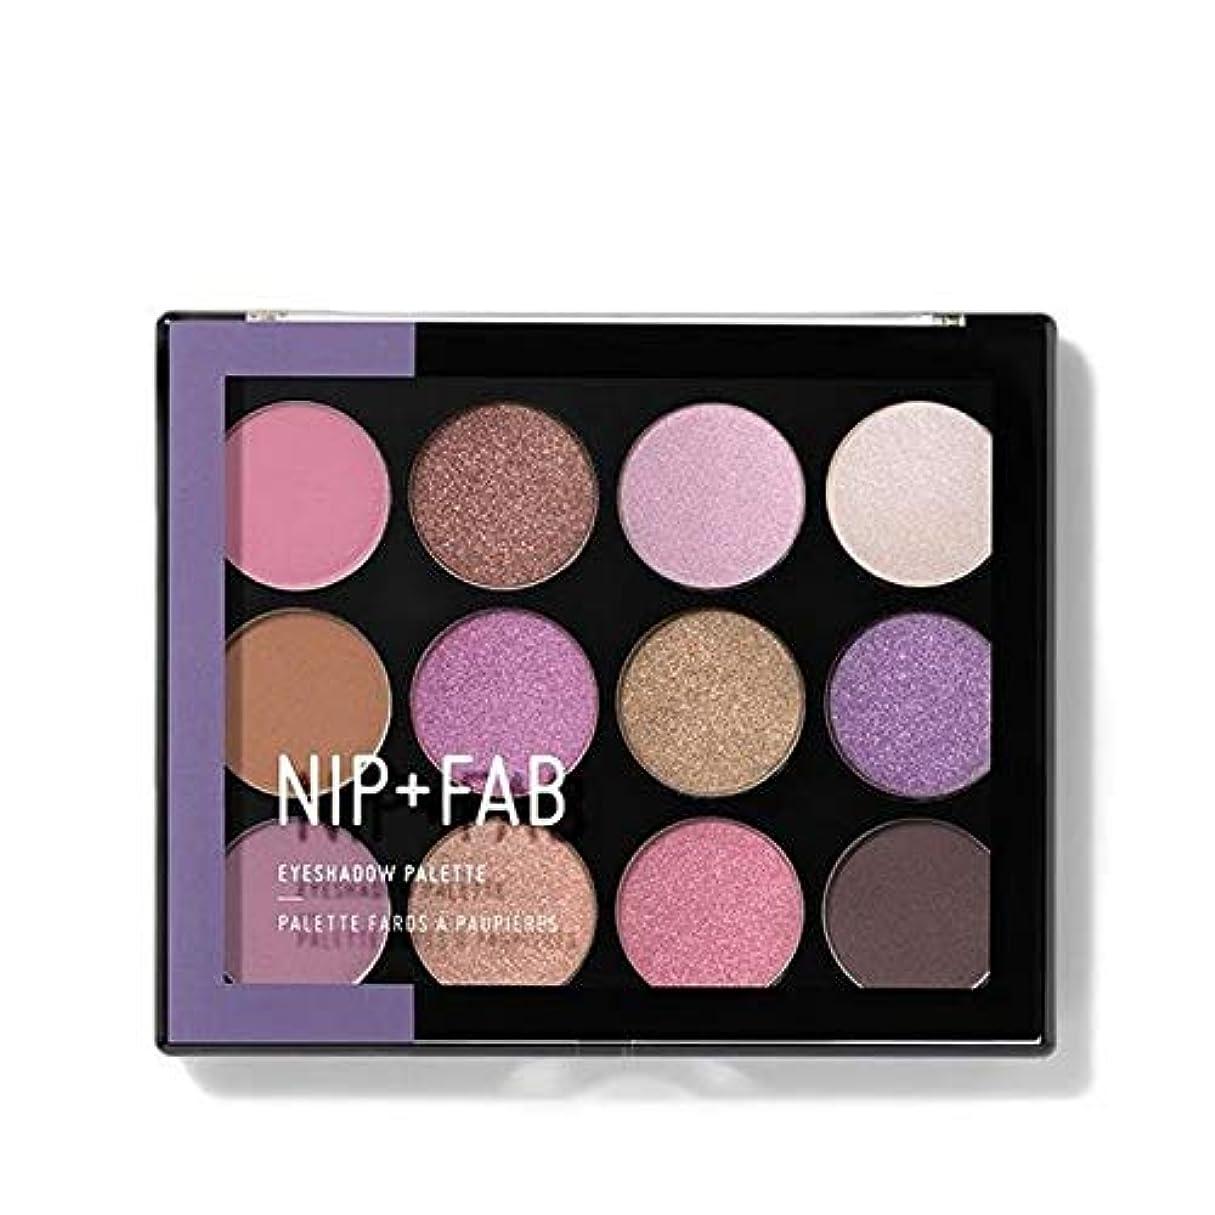 アウター酸度宝石[Nip & Fab ] アイシャドウパレット5を構成するFab +ニップ - NIP+FAB Make Up Eyeshadow Palette 5 [並行輸入品]